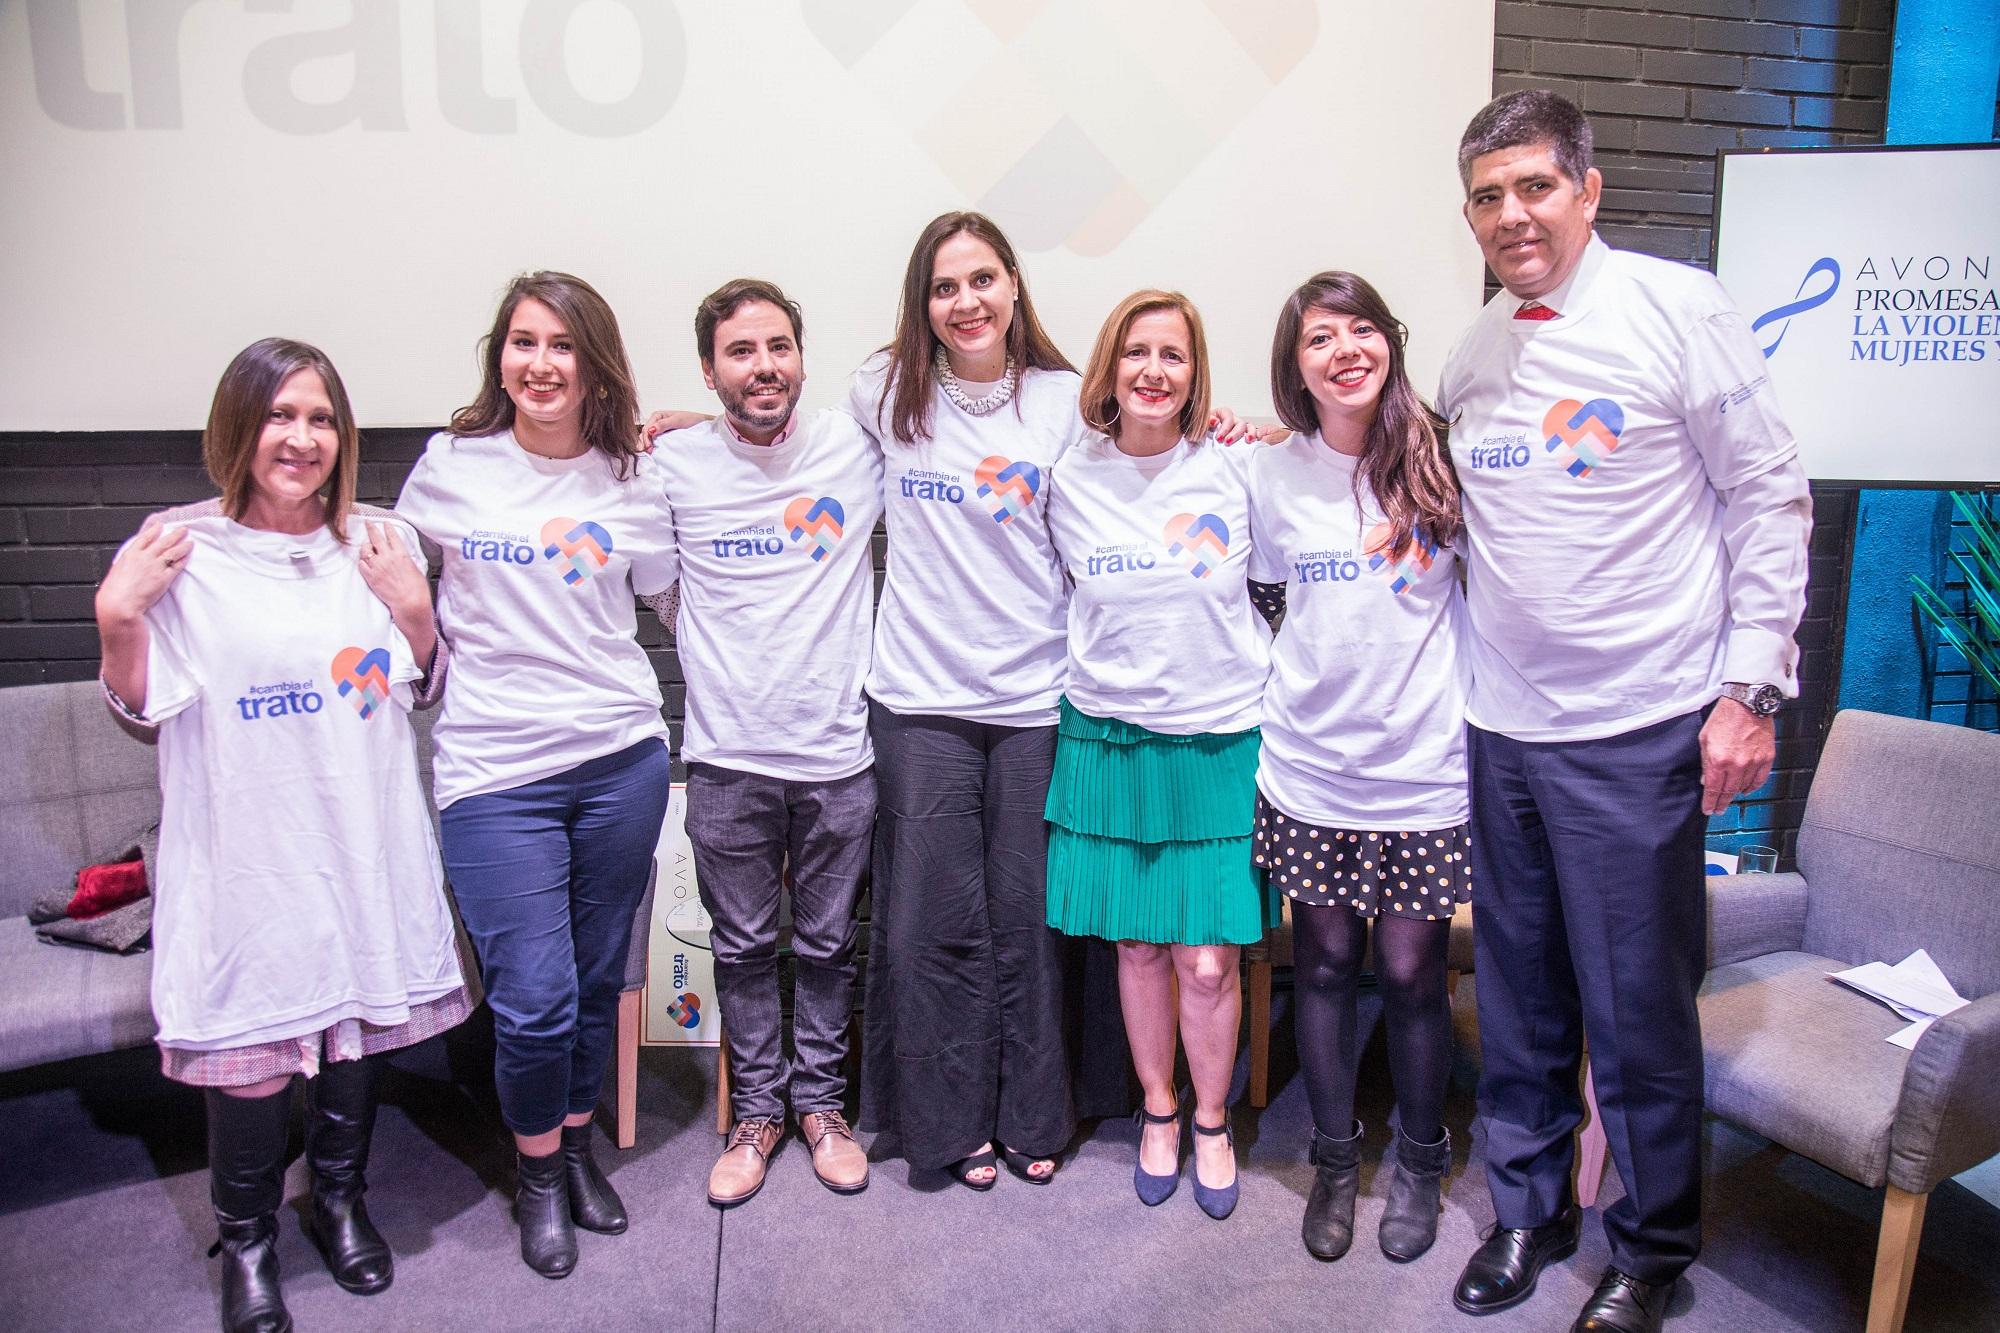 Avon amplifica en Chile #CambiaElTrato, la campaña en que hombres visibilizan la violencia contra las mujeres